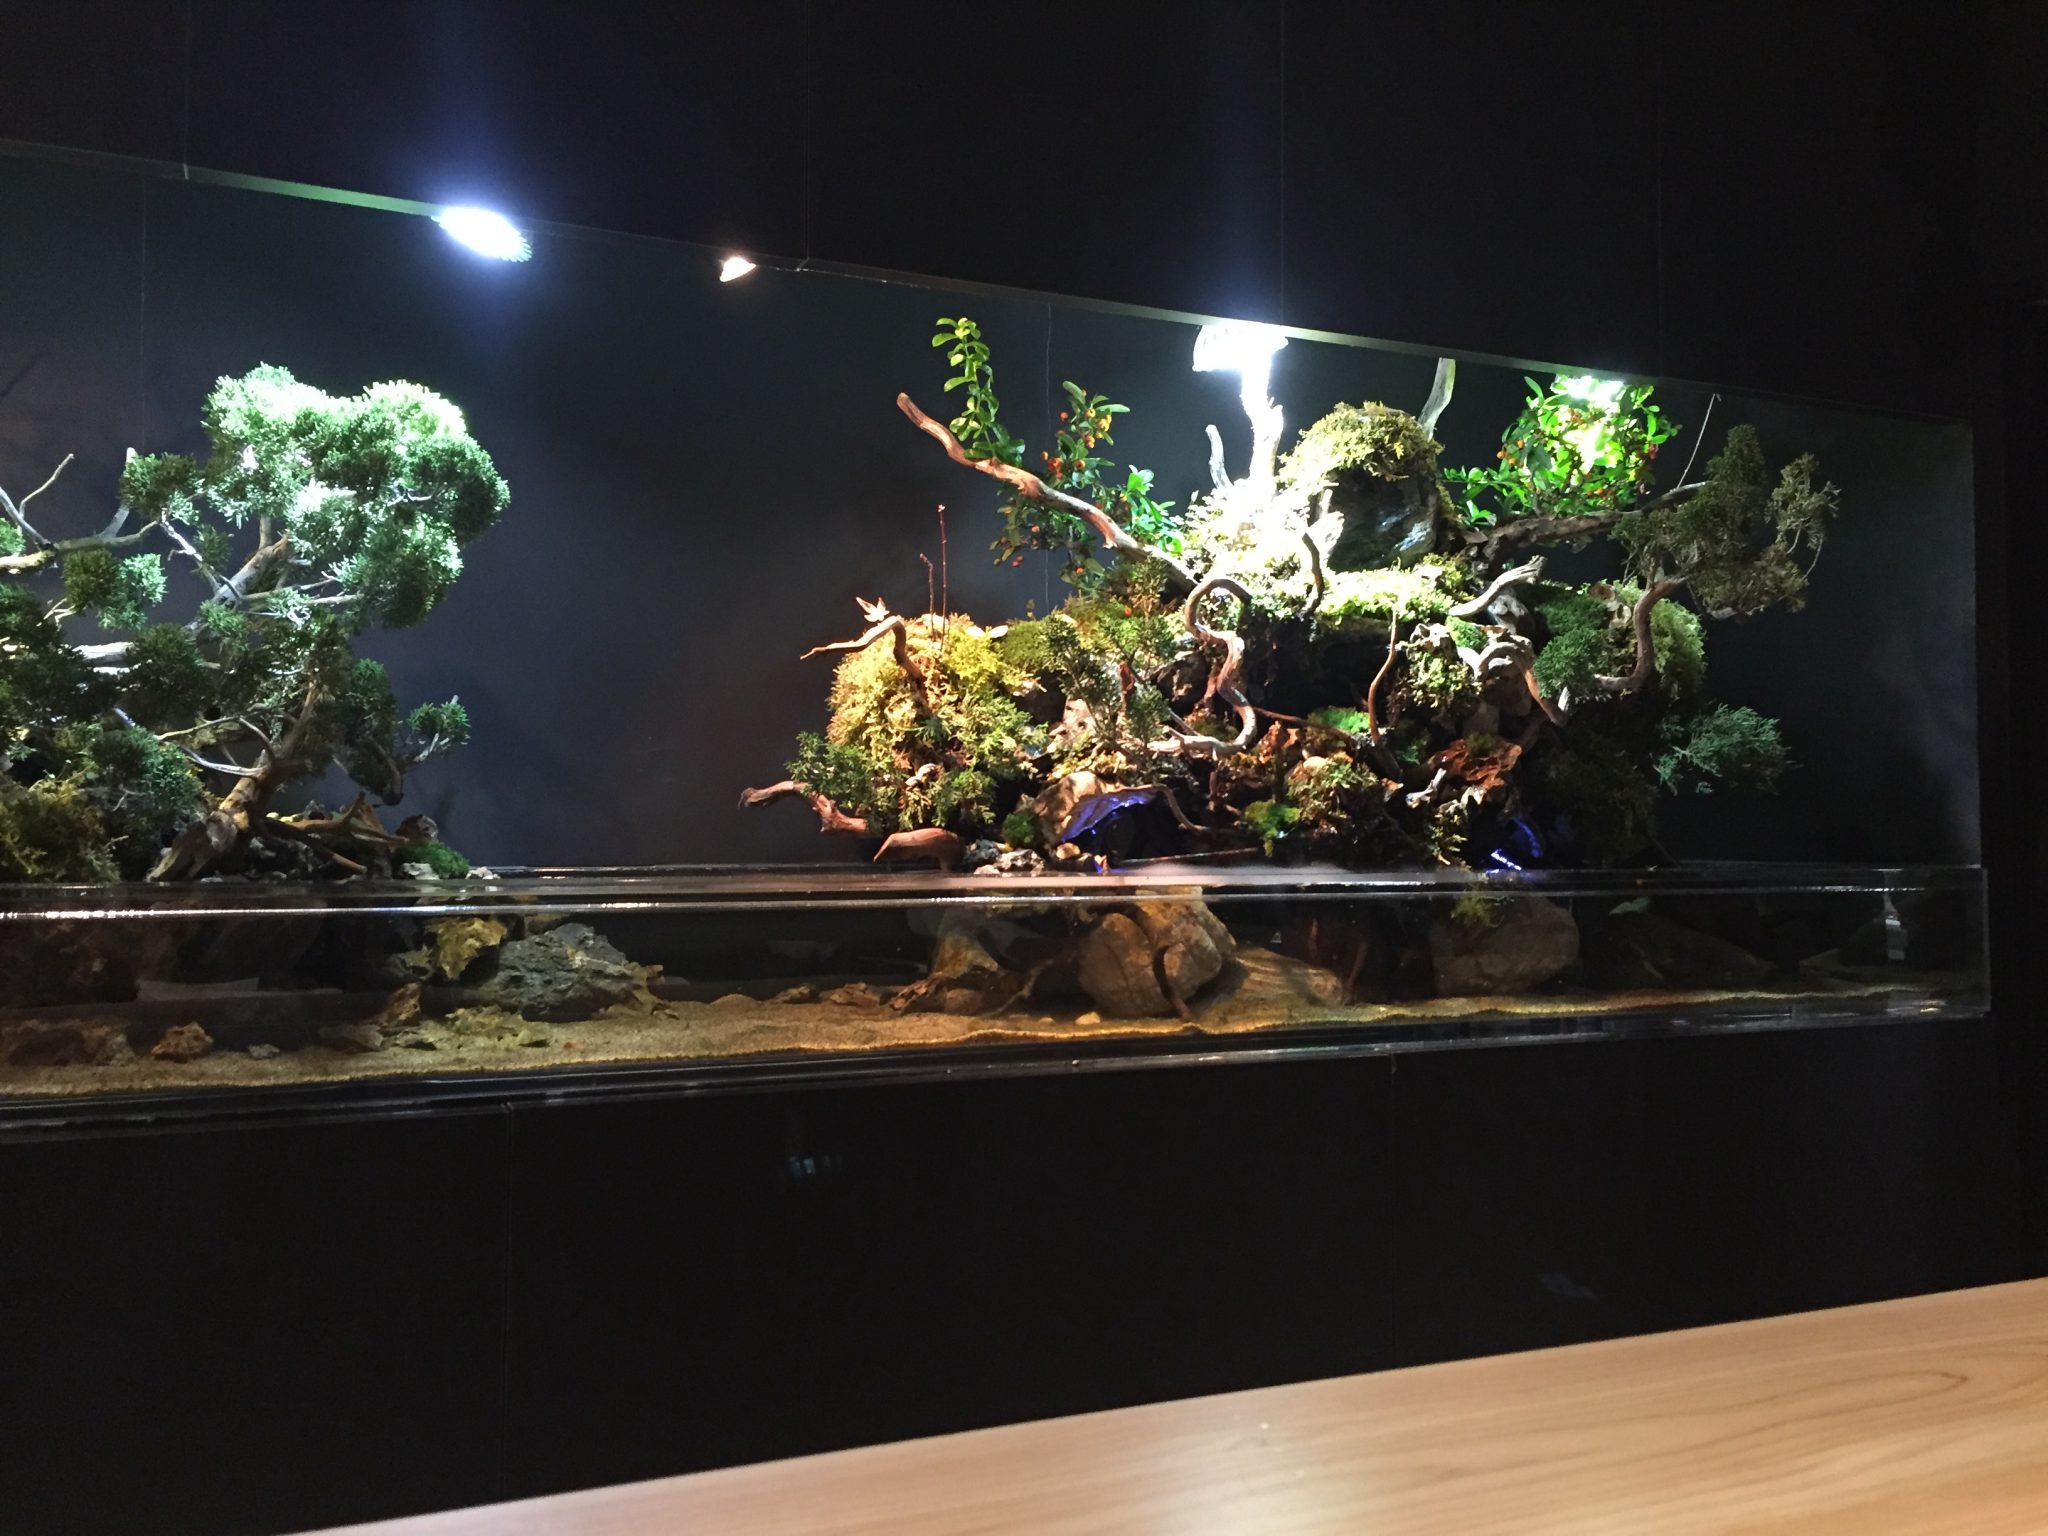 庭 Garden of four seasons (ガーデンオブフォーシーズンズ)|銀座の会員制隠れ家レストランでディナー